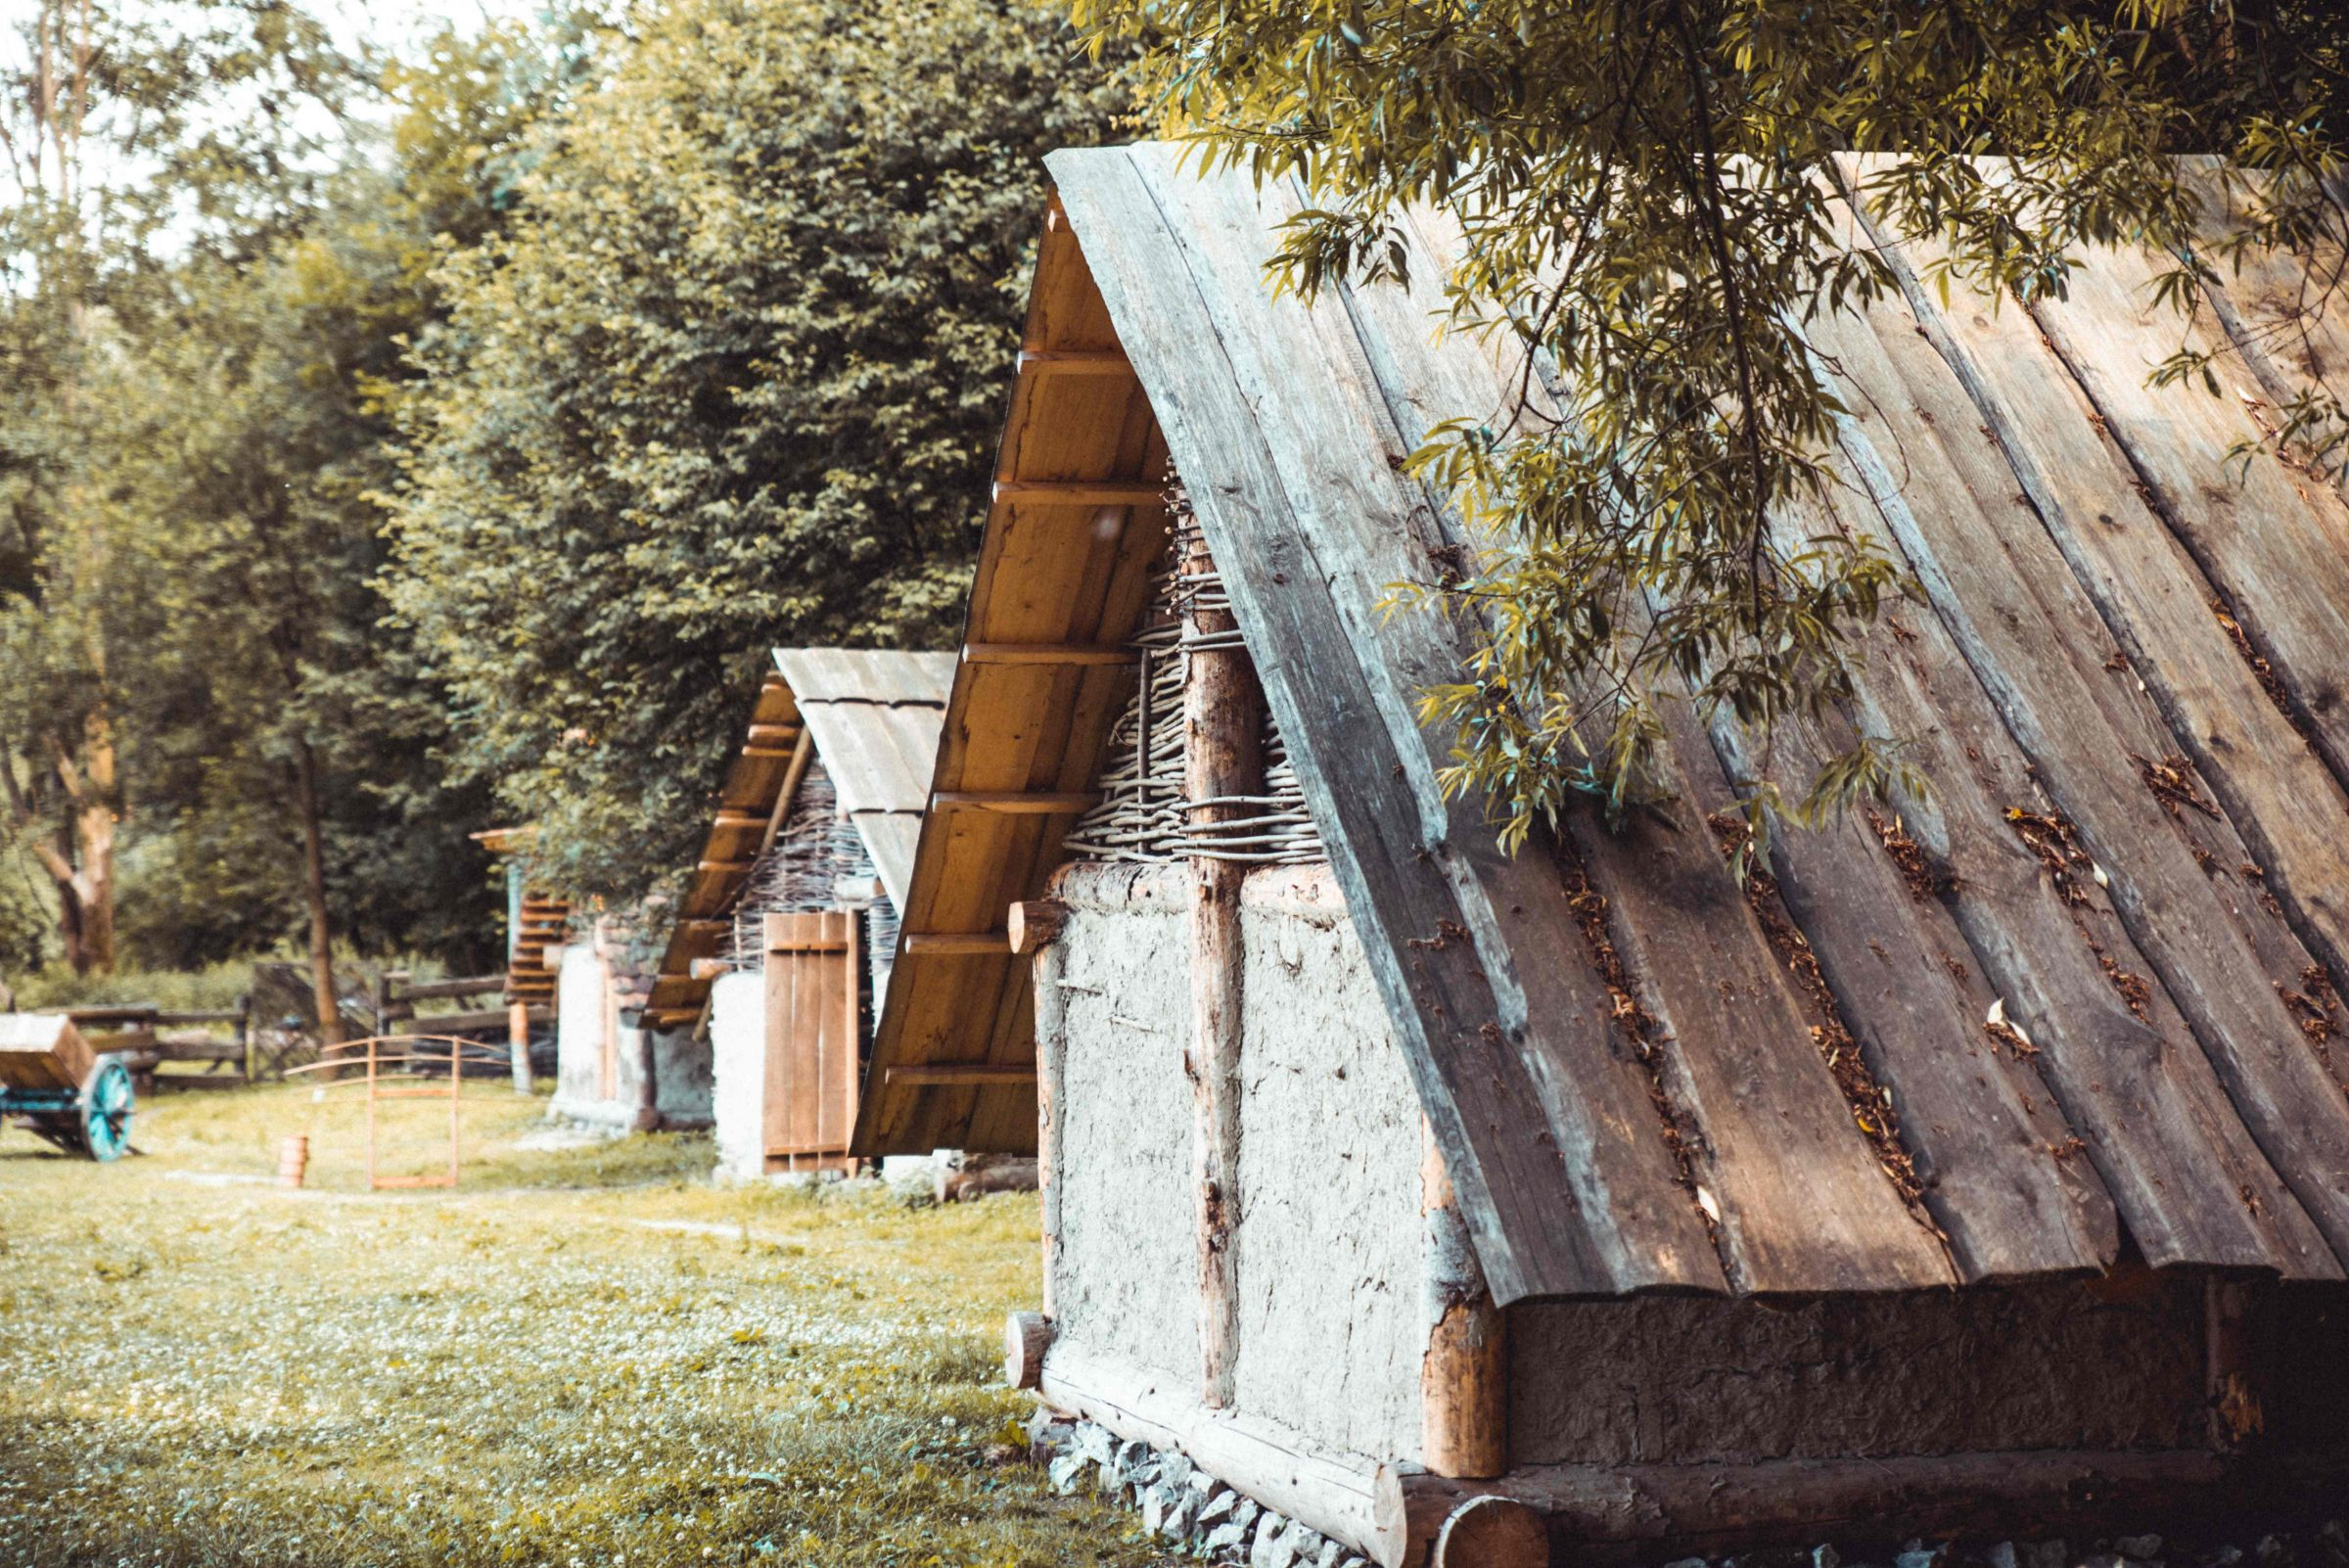 domceky v stredovekej dedine